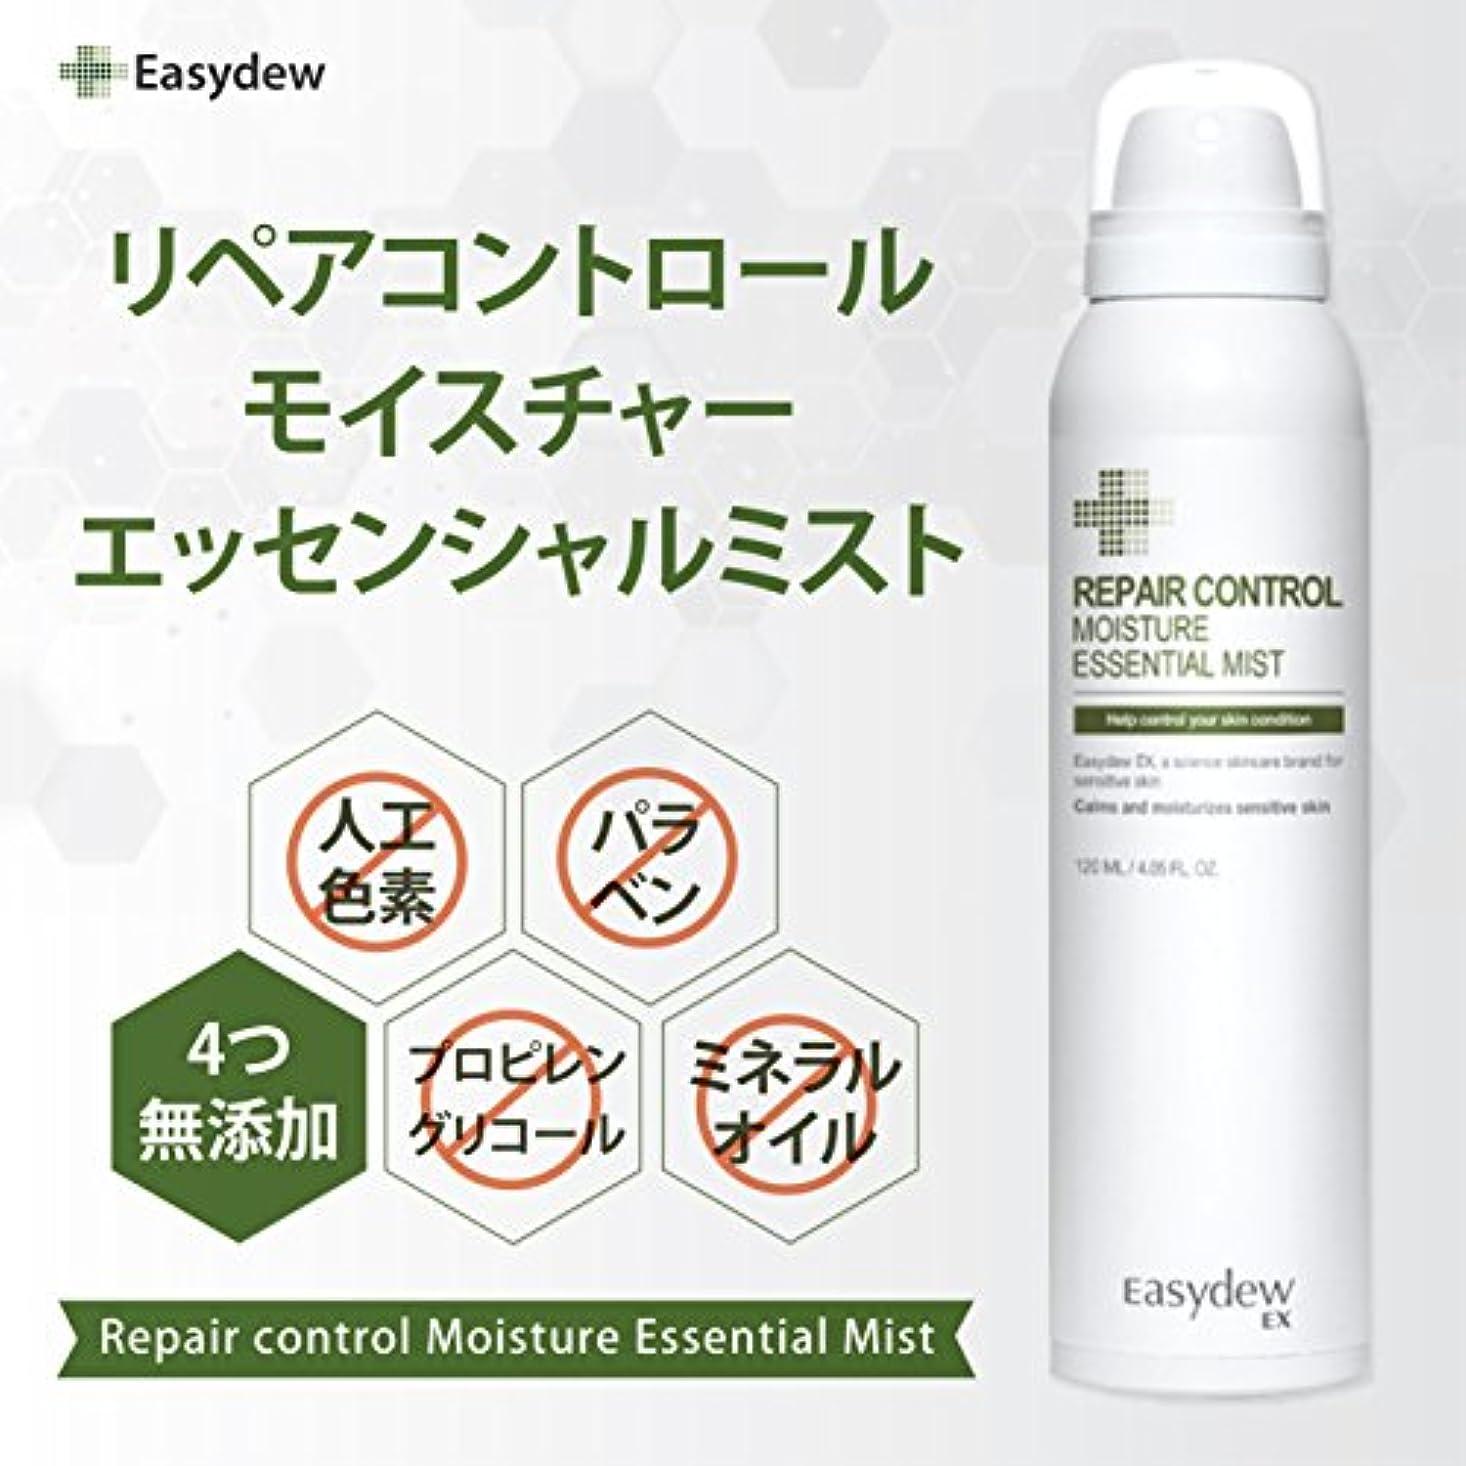 ロデオオプショナルリア王EASYDEW EX リペア コントロール モイスチャー エッセンシャル ミスト Repair Control Moisture Essential Mist 120ml